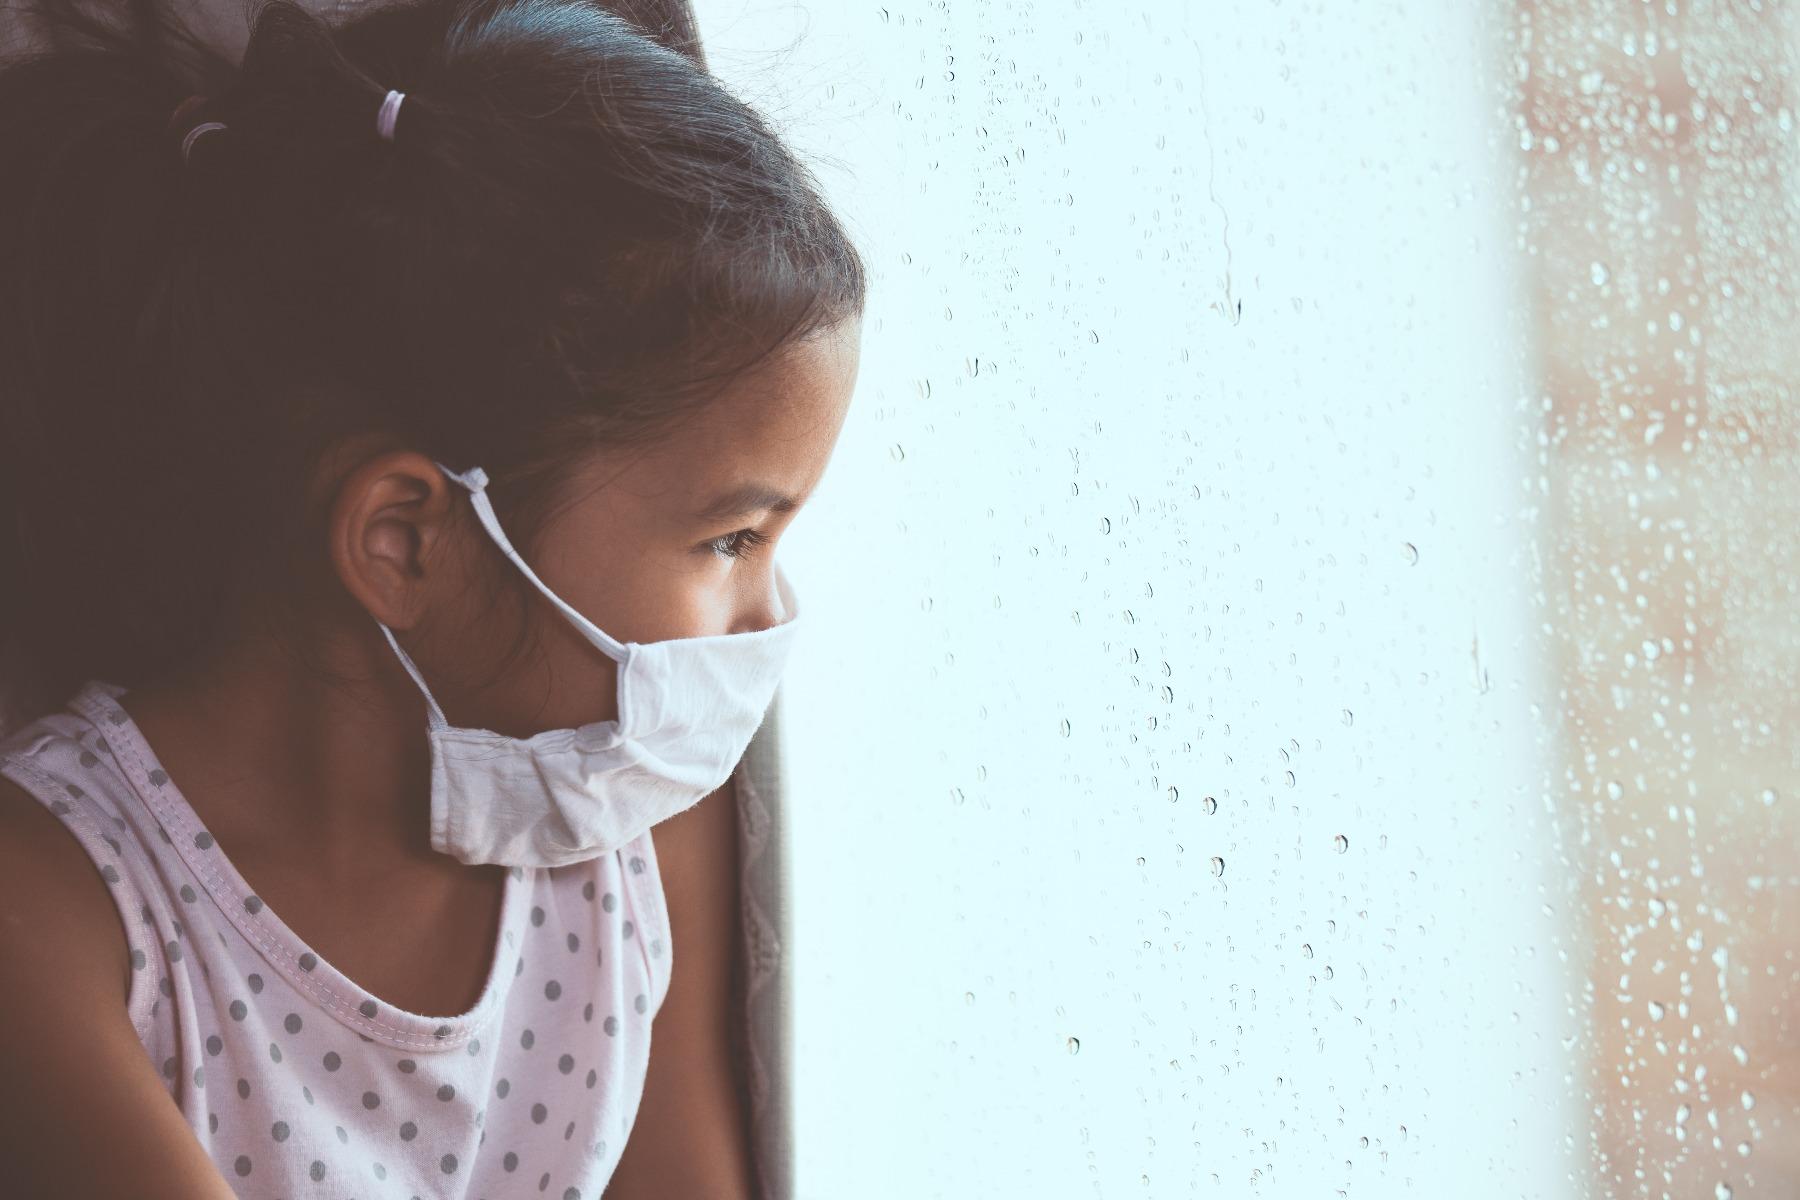 ดูแลสุขภาพอย่างไร เมื่ออากาศเปลี่ยน